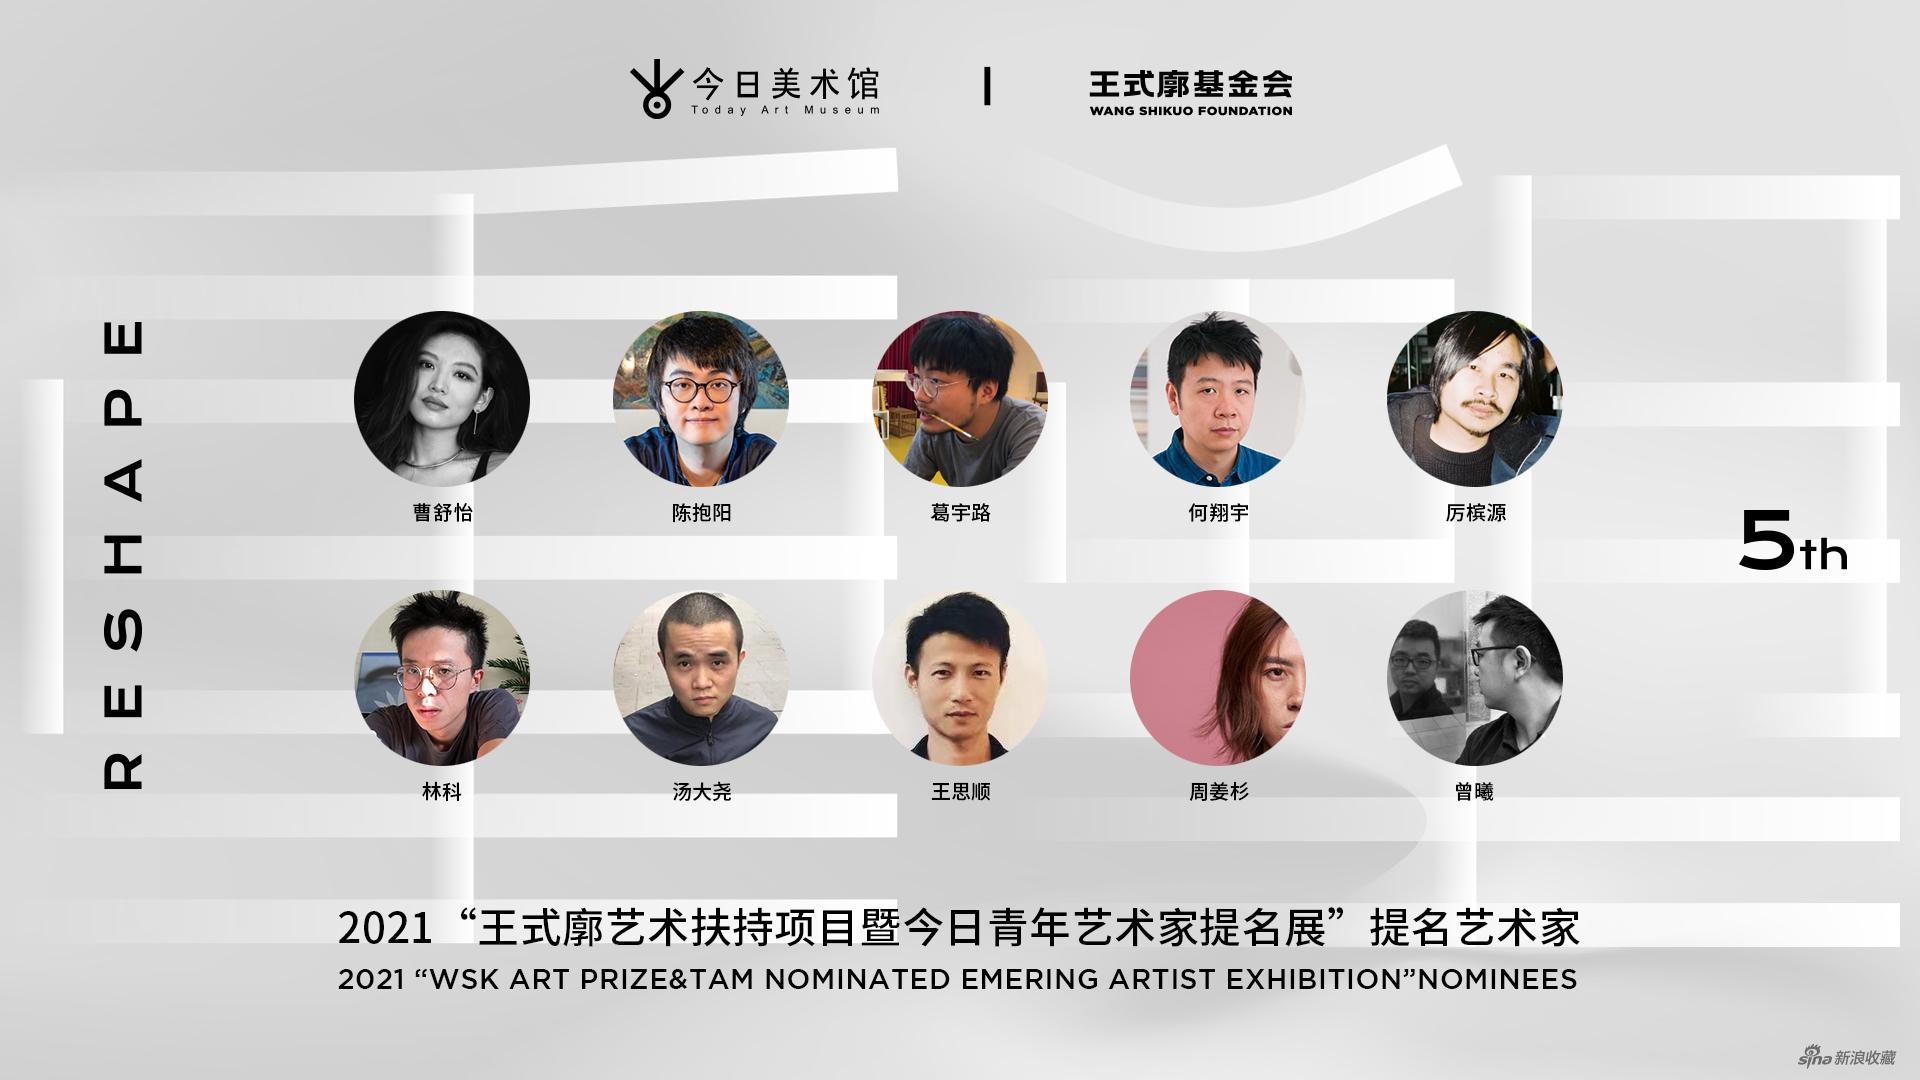 """2021年""""王式廓艺术扶持项目暨今日青年艺术家提名展""""入围艺术家"""